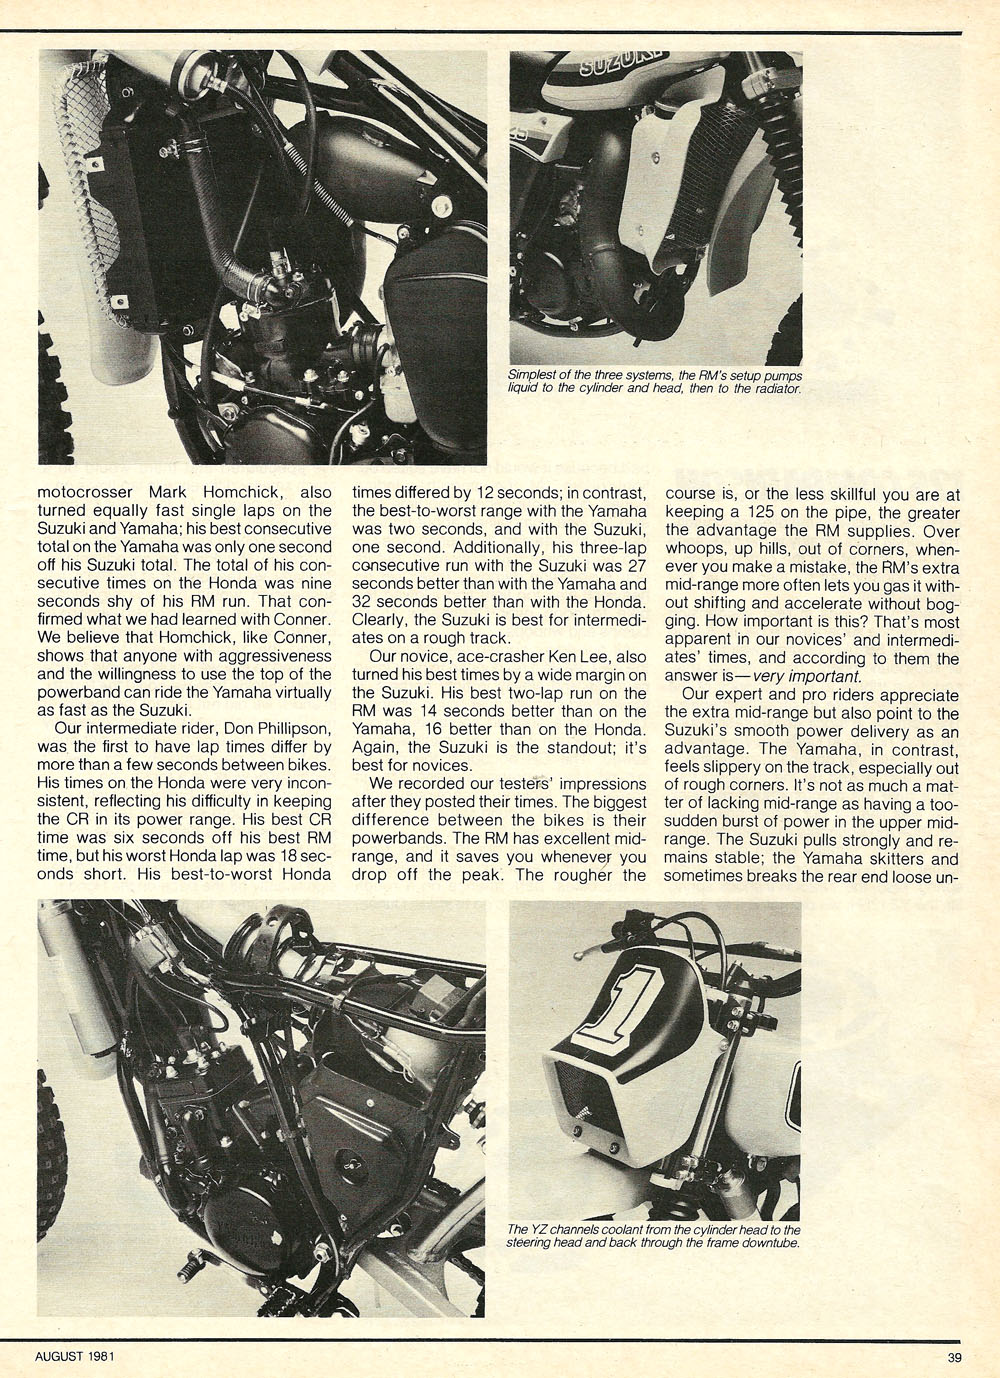 1981 CR125 RM125 YZ125 test 07.jpg